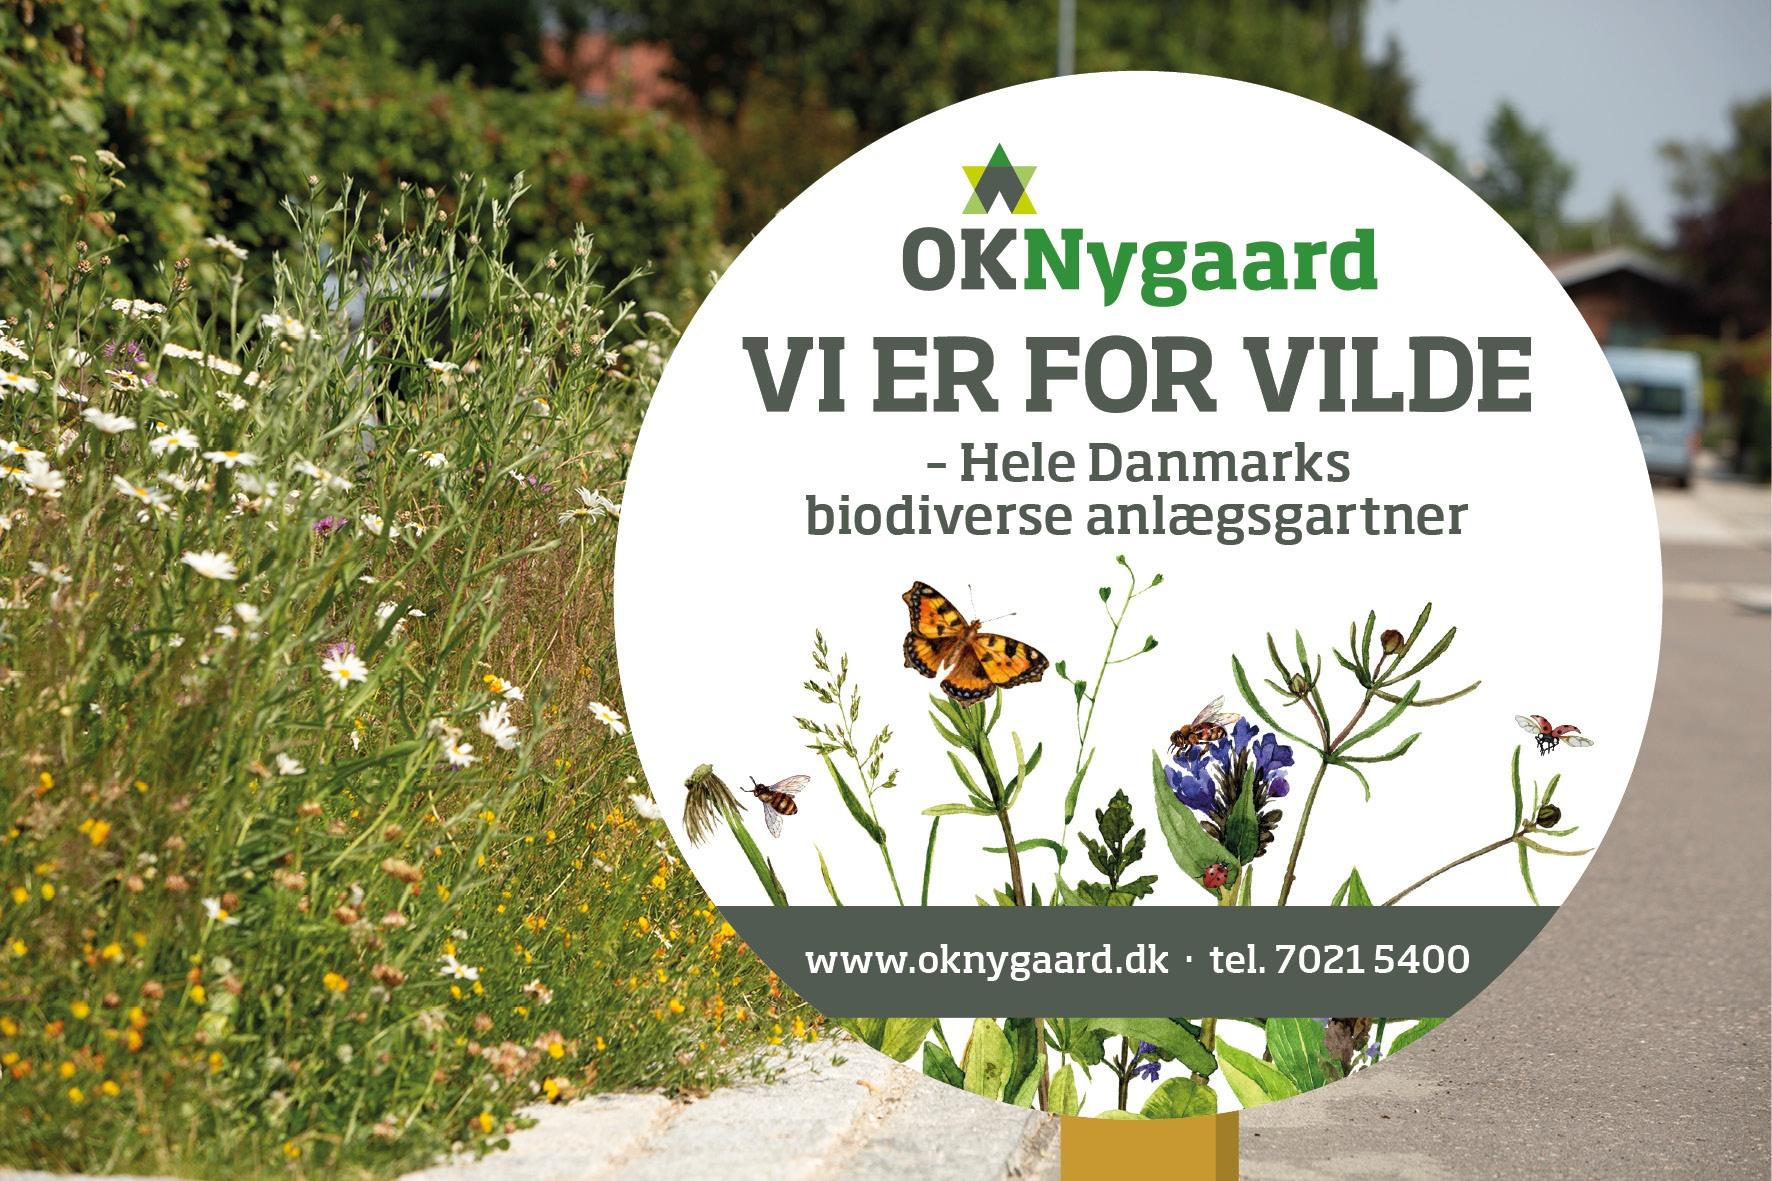 OKN_Biodiversitet skilt_Mock-up